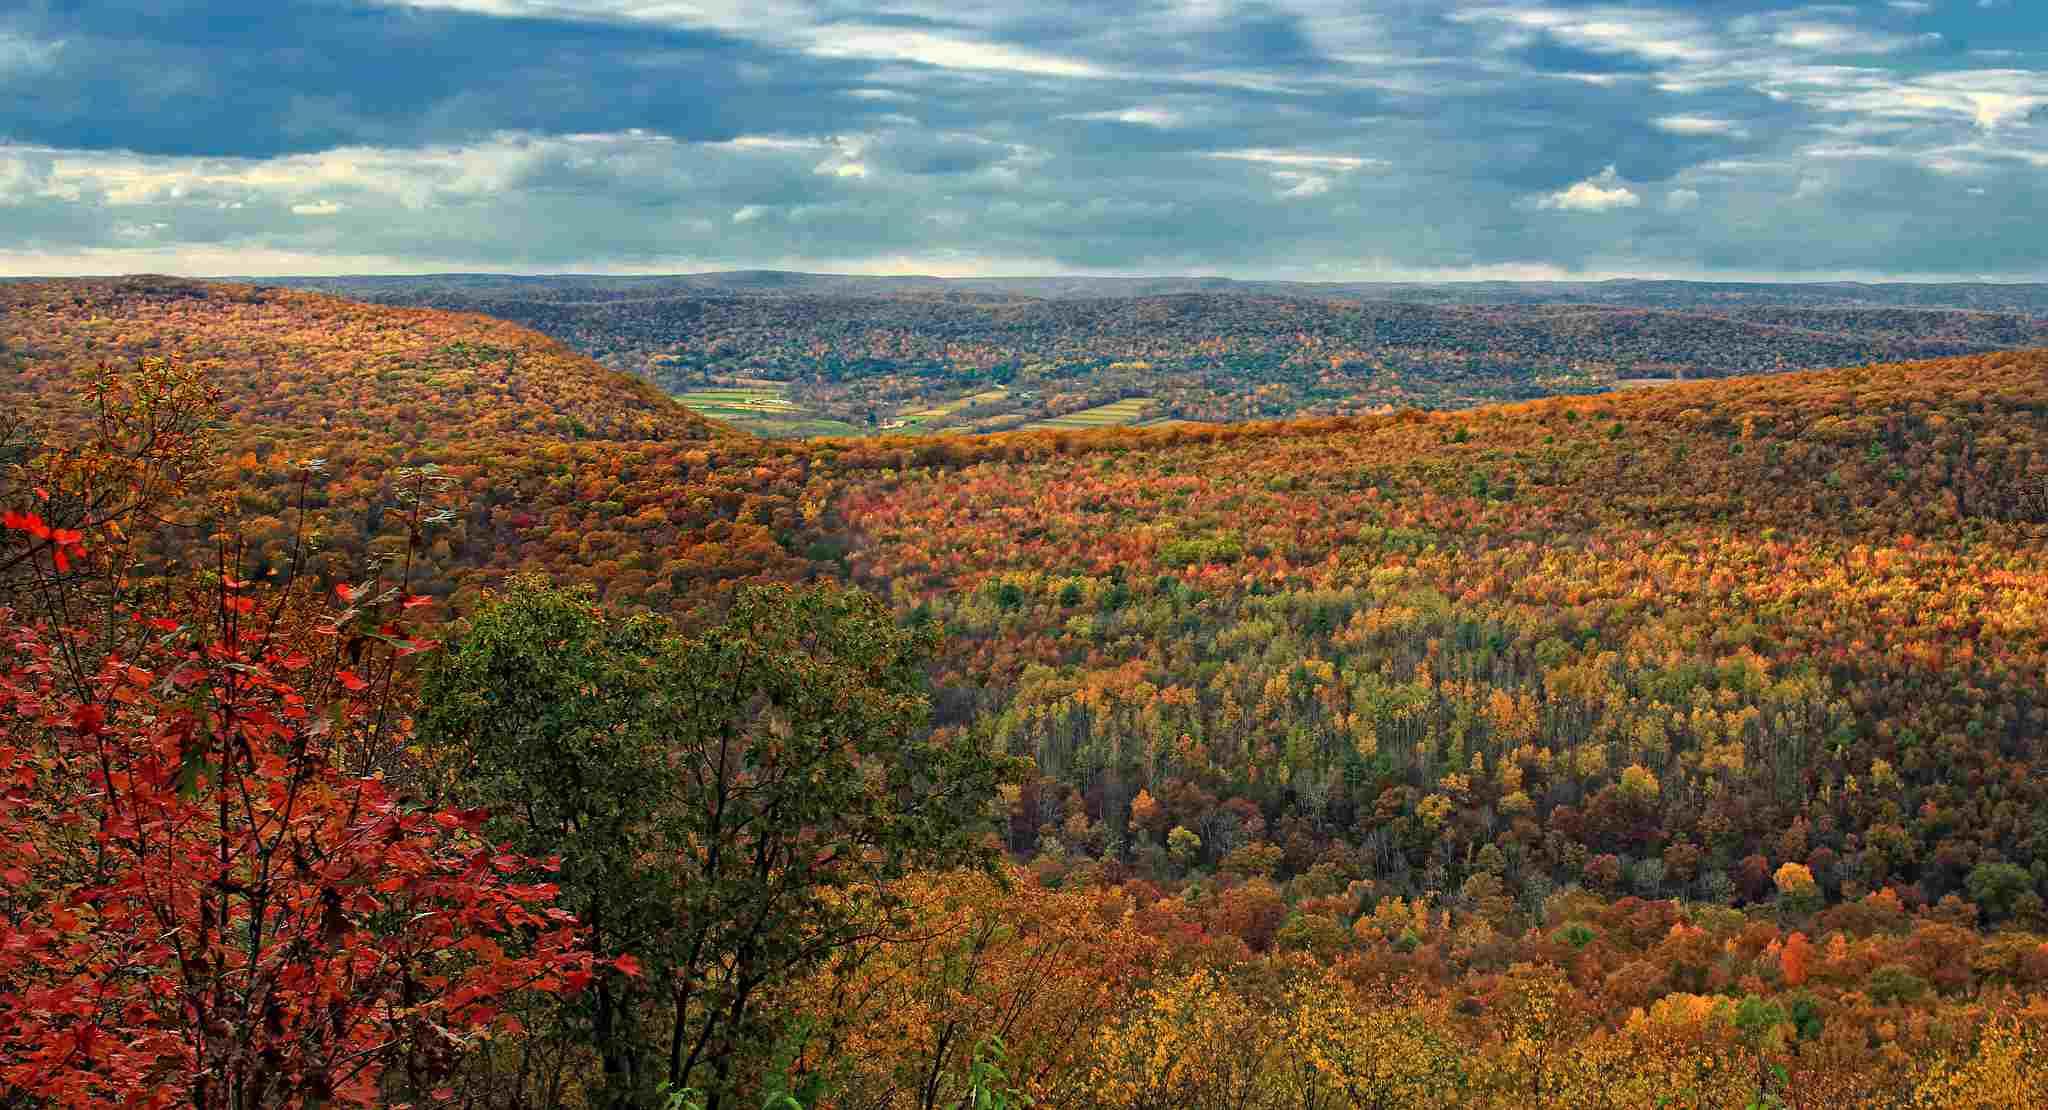 Tiadaghton State Forest, Pennsylvania